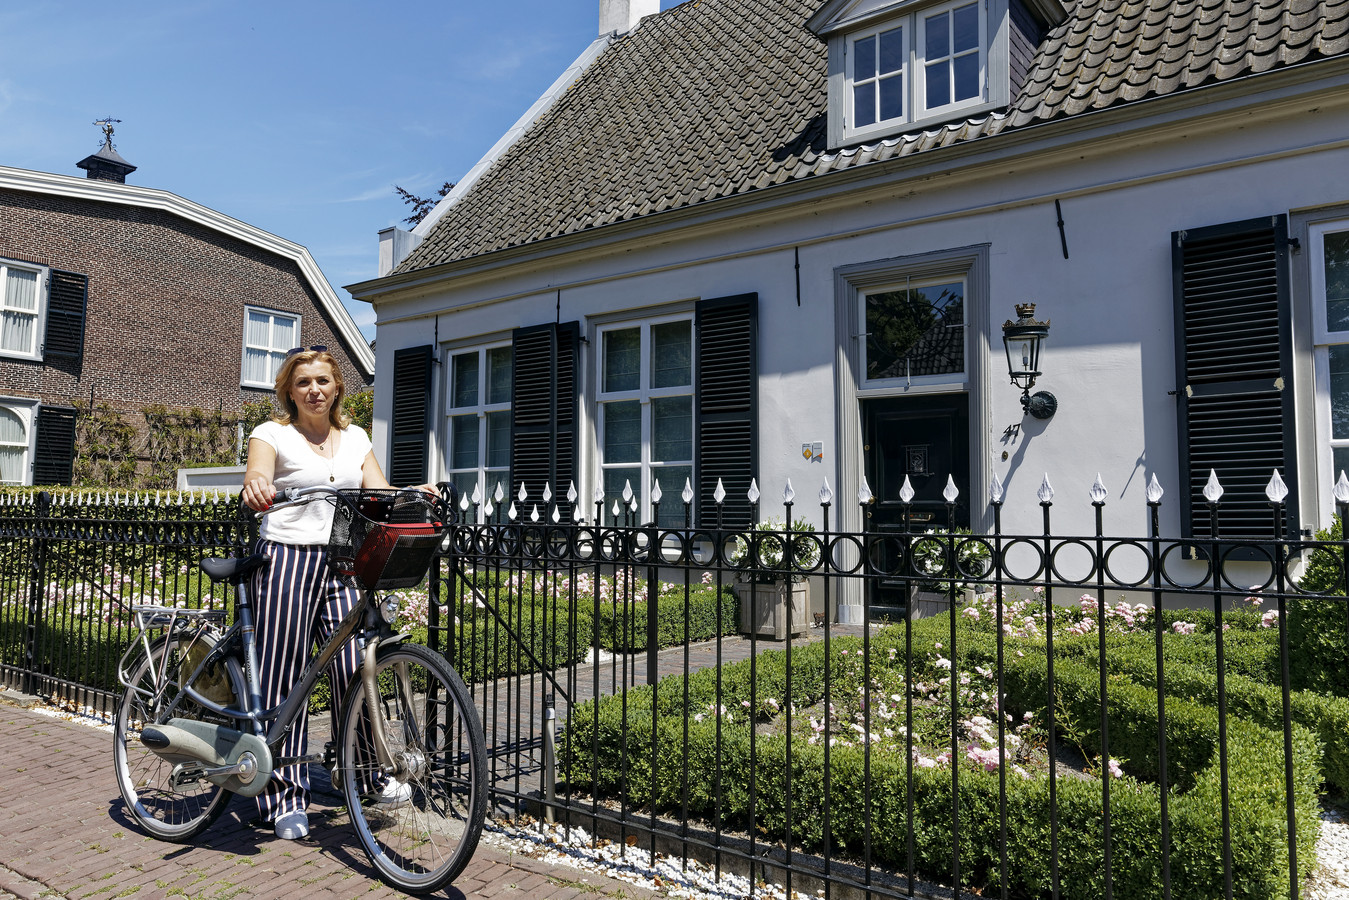 Karin Traa bij het van Gogh monument, de voormalige Pastorie in Helvoirt.